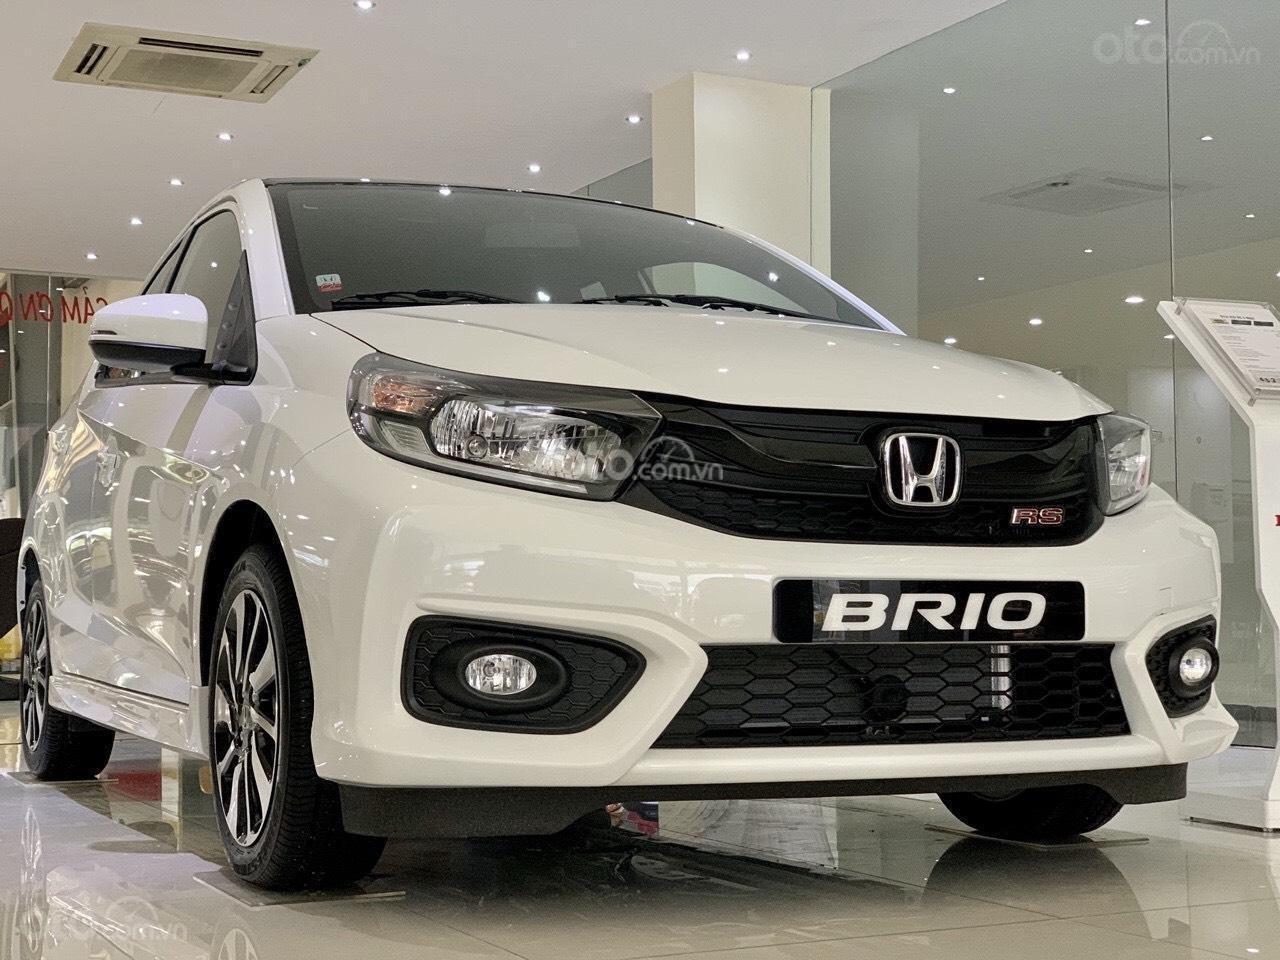 """Chính sách bán hàng bảo thủ của Honda là nguyên nhân khiến Brio bị """"thất sủng"""" 1"""